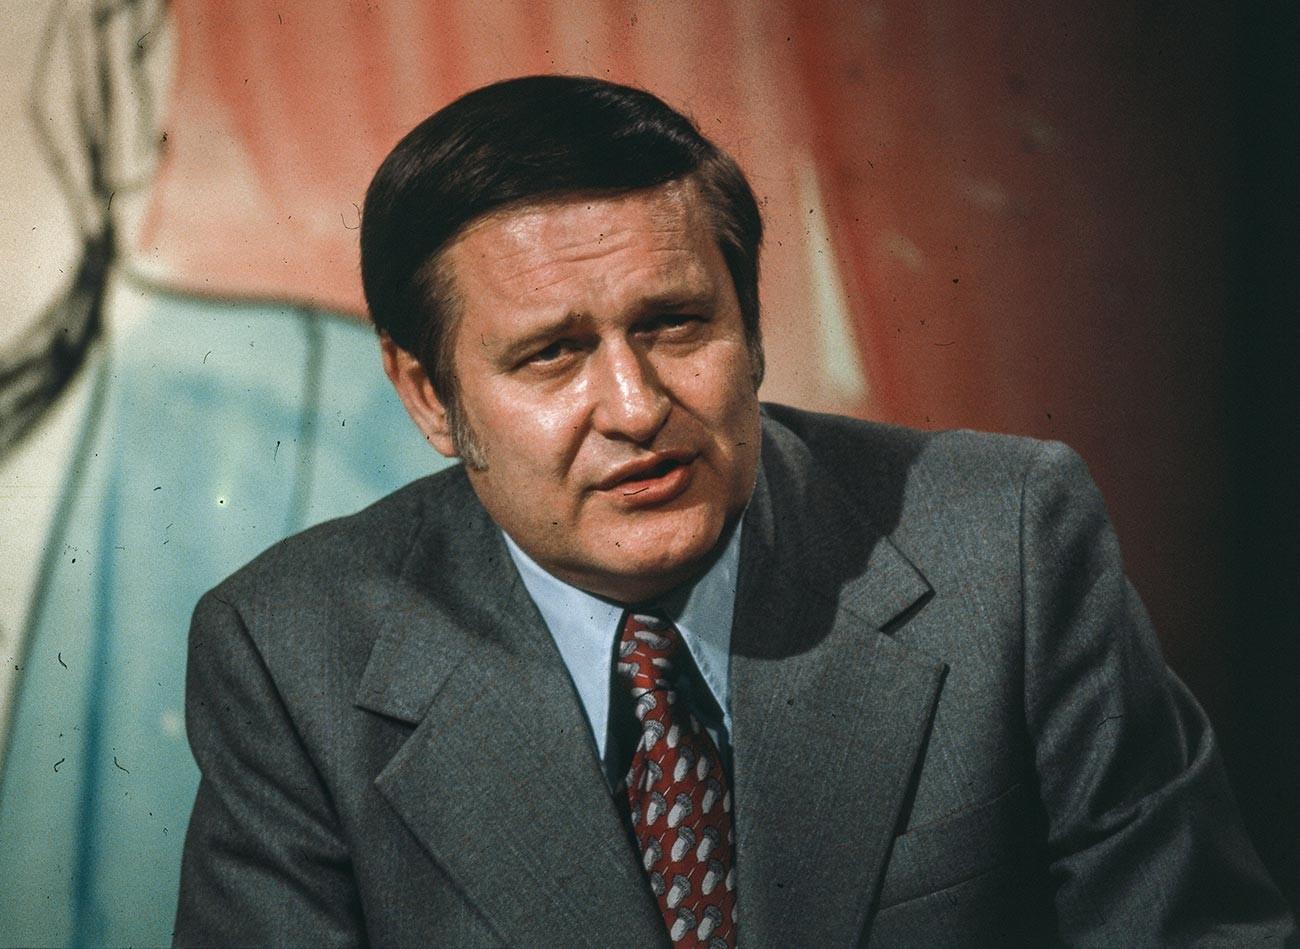 Jack Anderson durante programa de TV